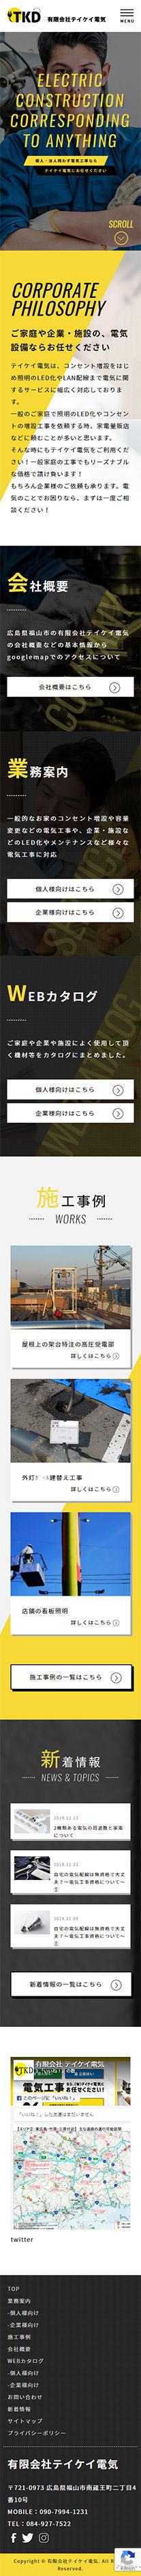 有限会社テイケイ電気スマホTOP画像